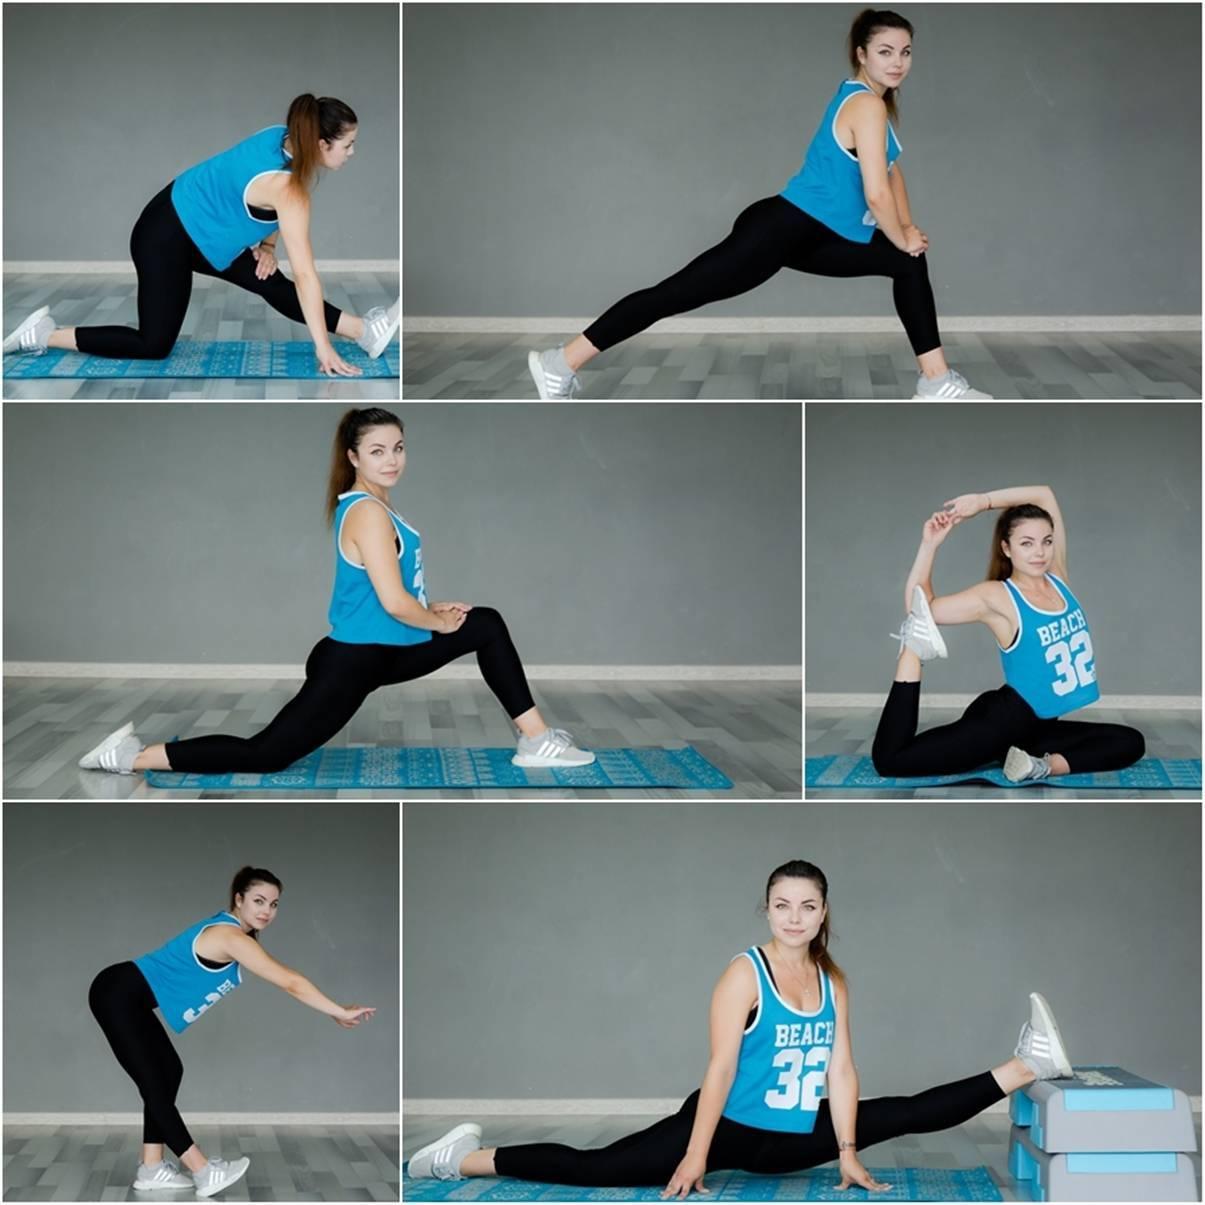 Как сесть на шпагат женщинам разных возрастов: советы и примеры упражнений на растяжку — женский журнал, красота и здоровье женщины — on-woman